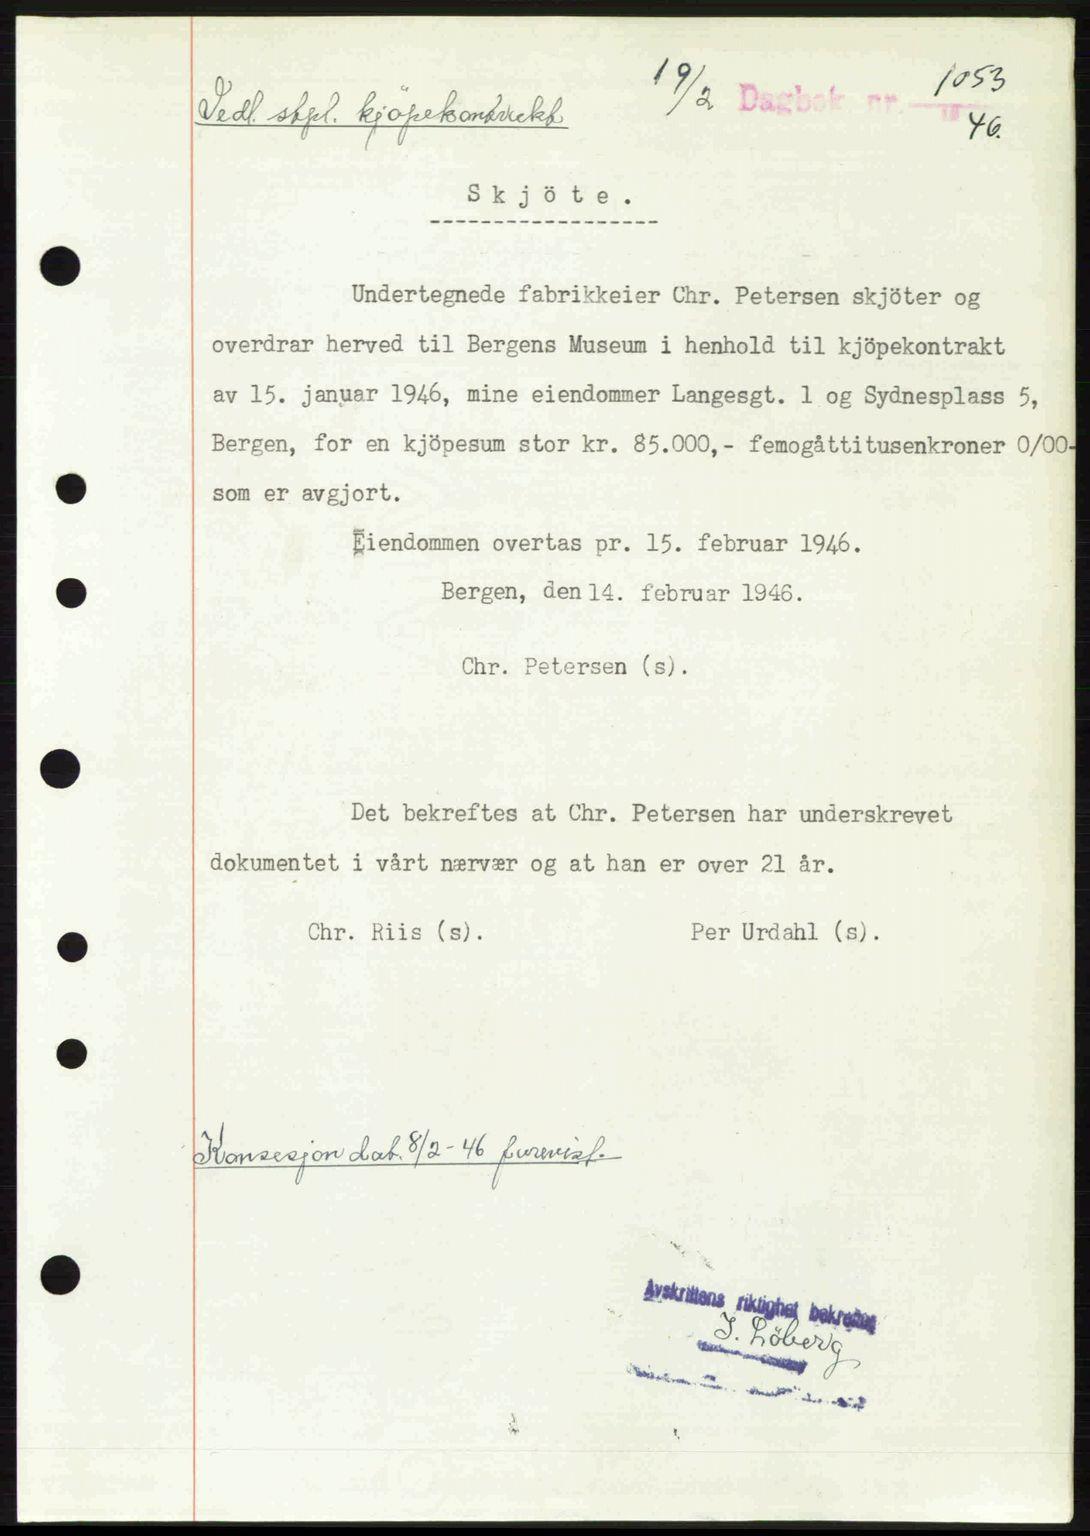 SAB, Byfogd og Byskriver i Bergen, 03/03Bc/L0022: Pantebok nr. A18, 1946-1946, Dagboknr: 1053/1946